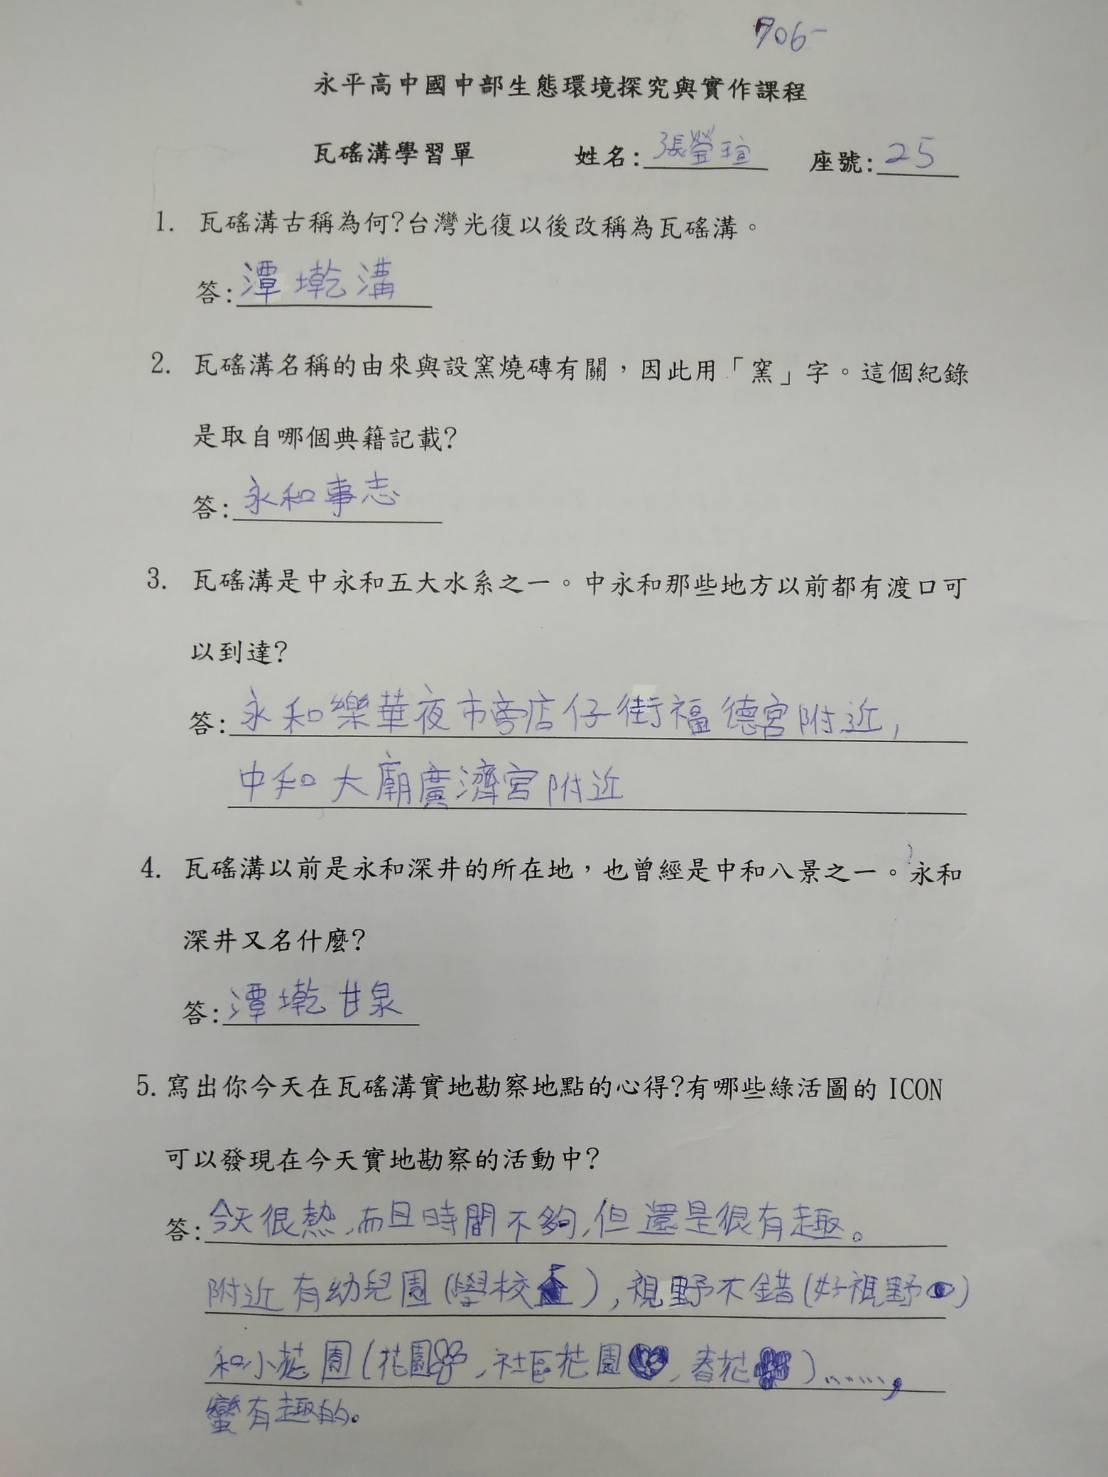 瓦磘溝學生學習單 (2)